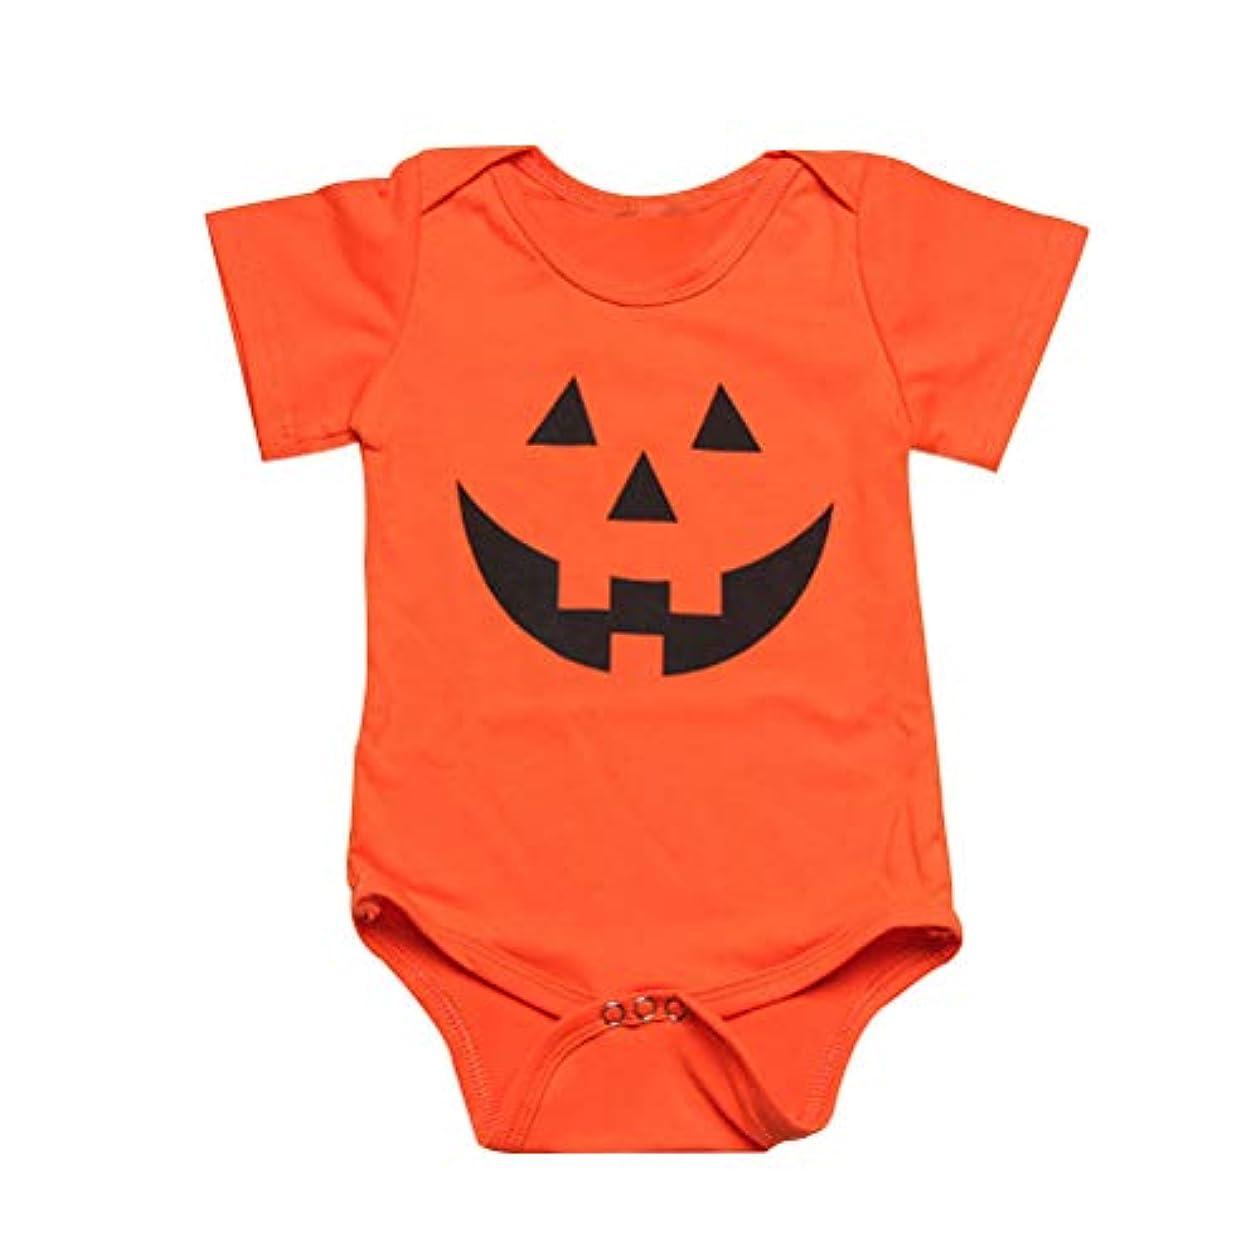 夏 子供 ハロウィン かぼちゃ プリント オレンジ 半袖 ロンパス カバーオール 乳幼児服 肌着